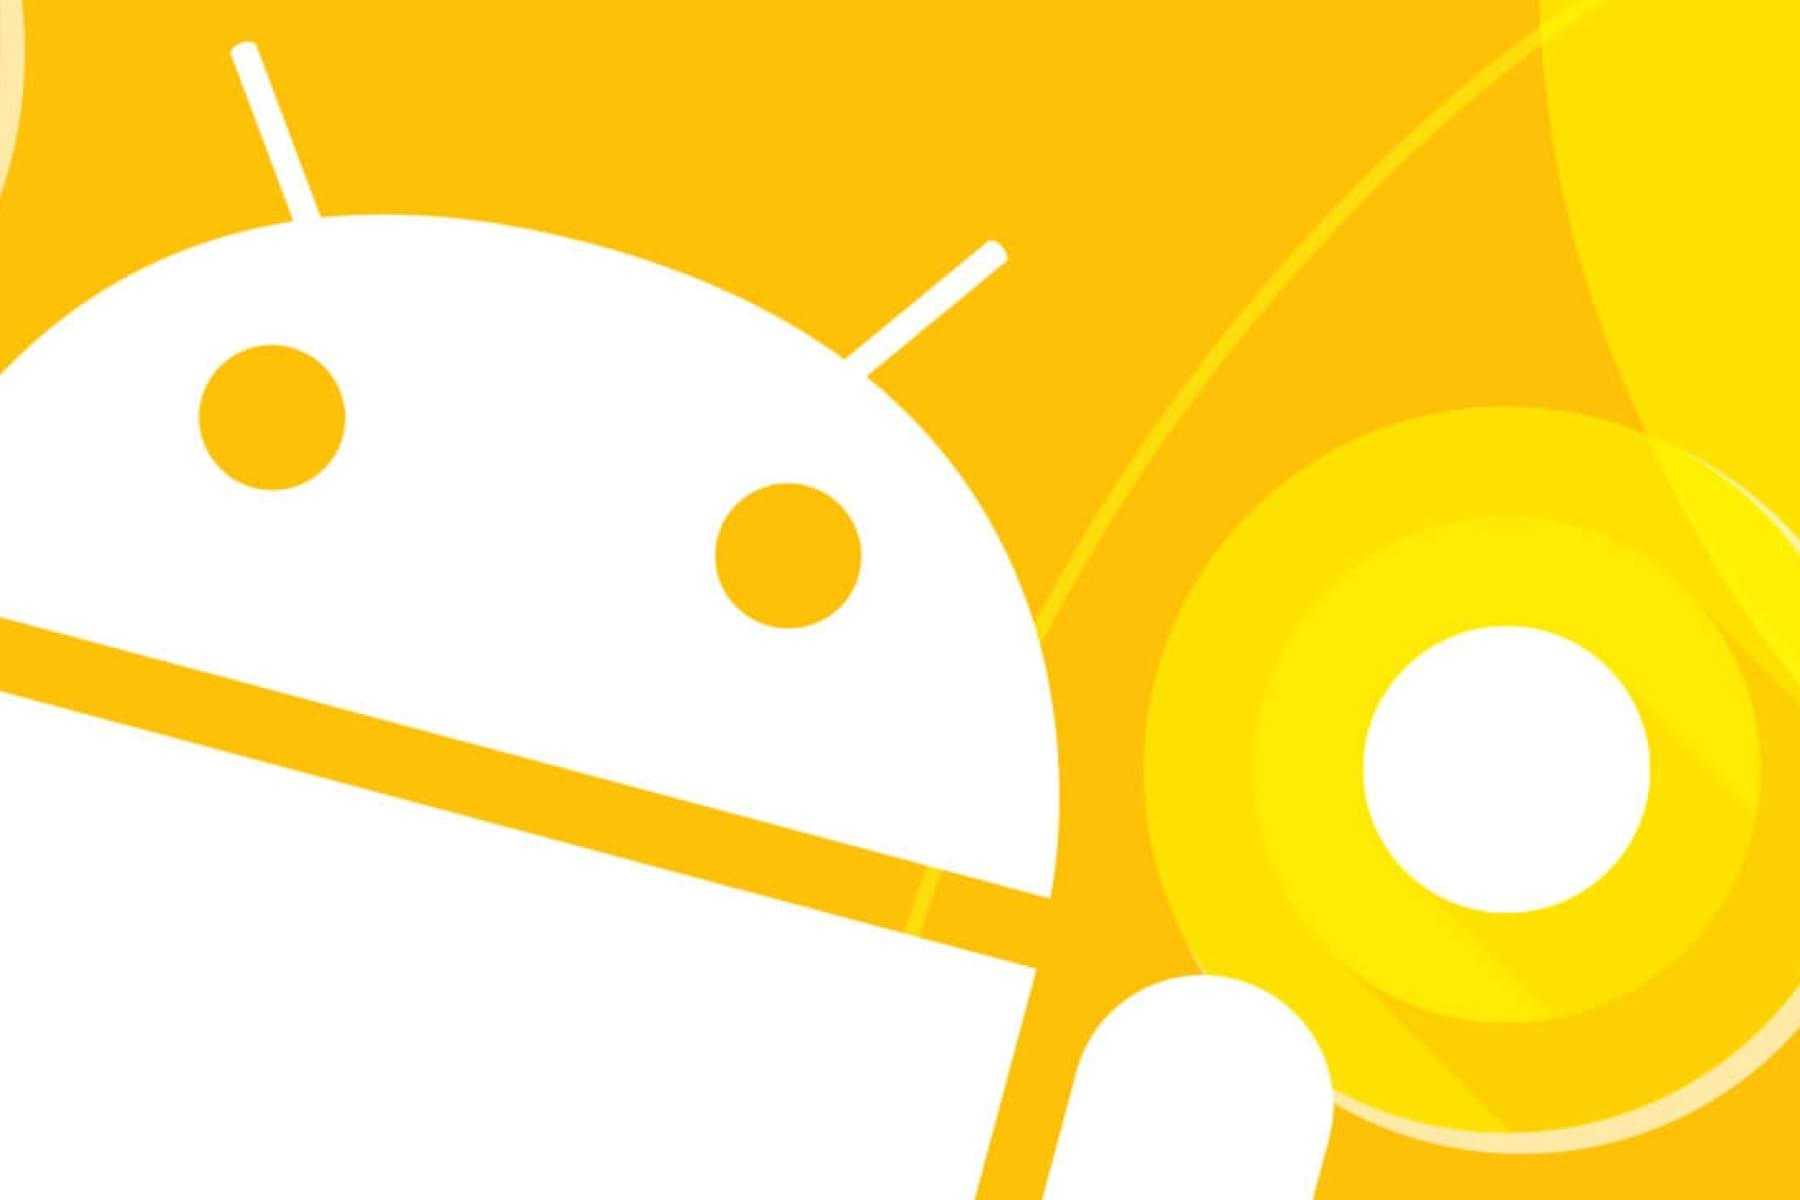 Релиз заключительной  версии андроид  8.0 состоится 21августа